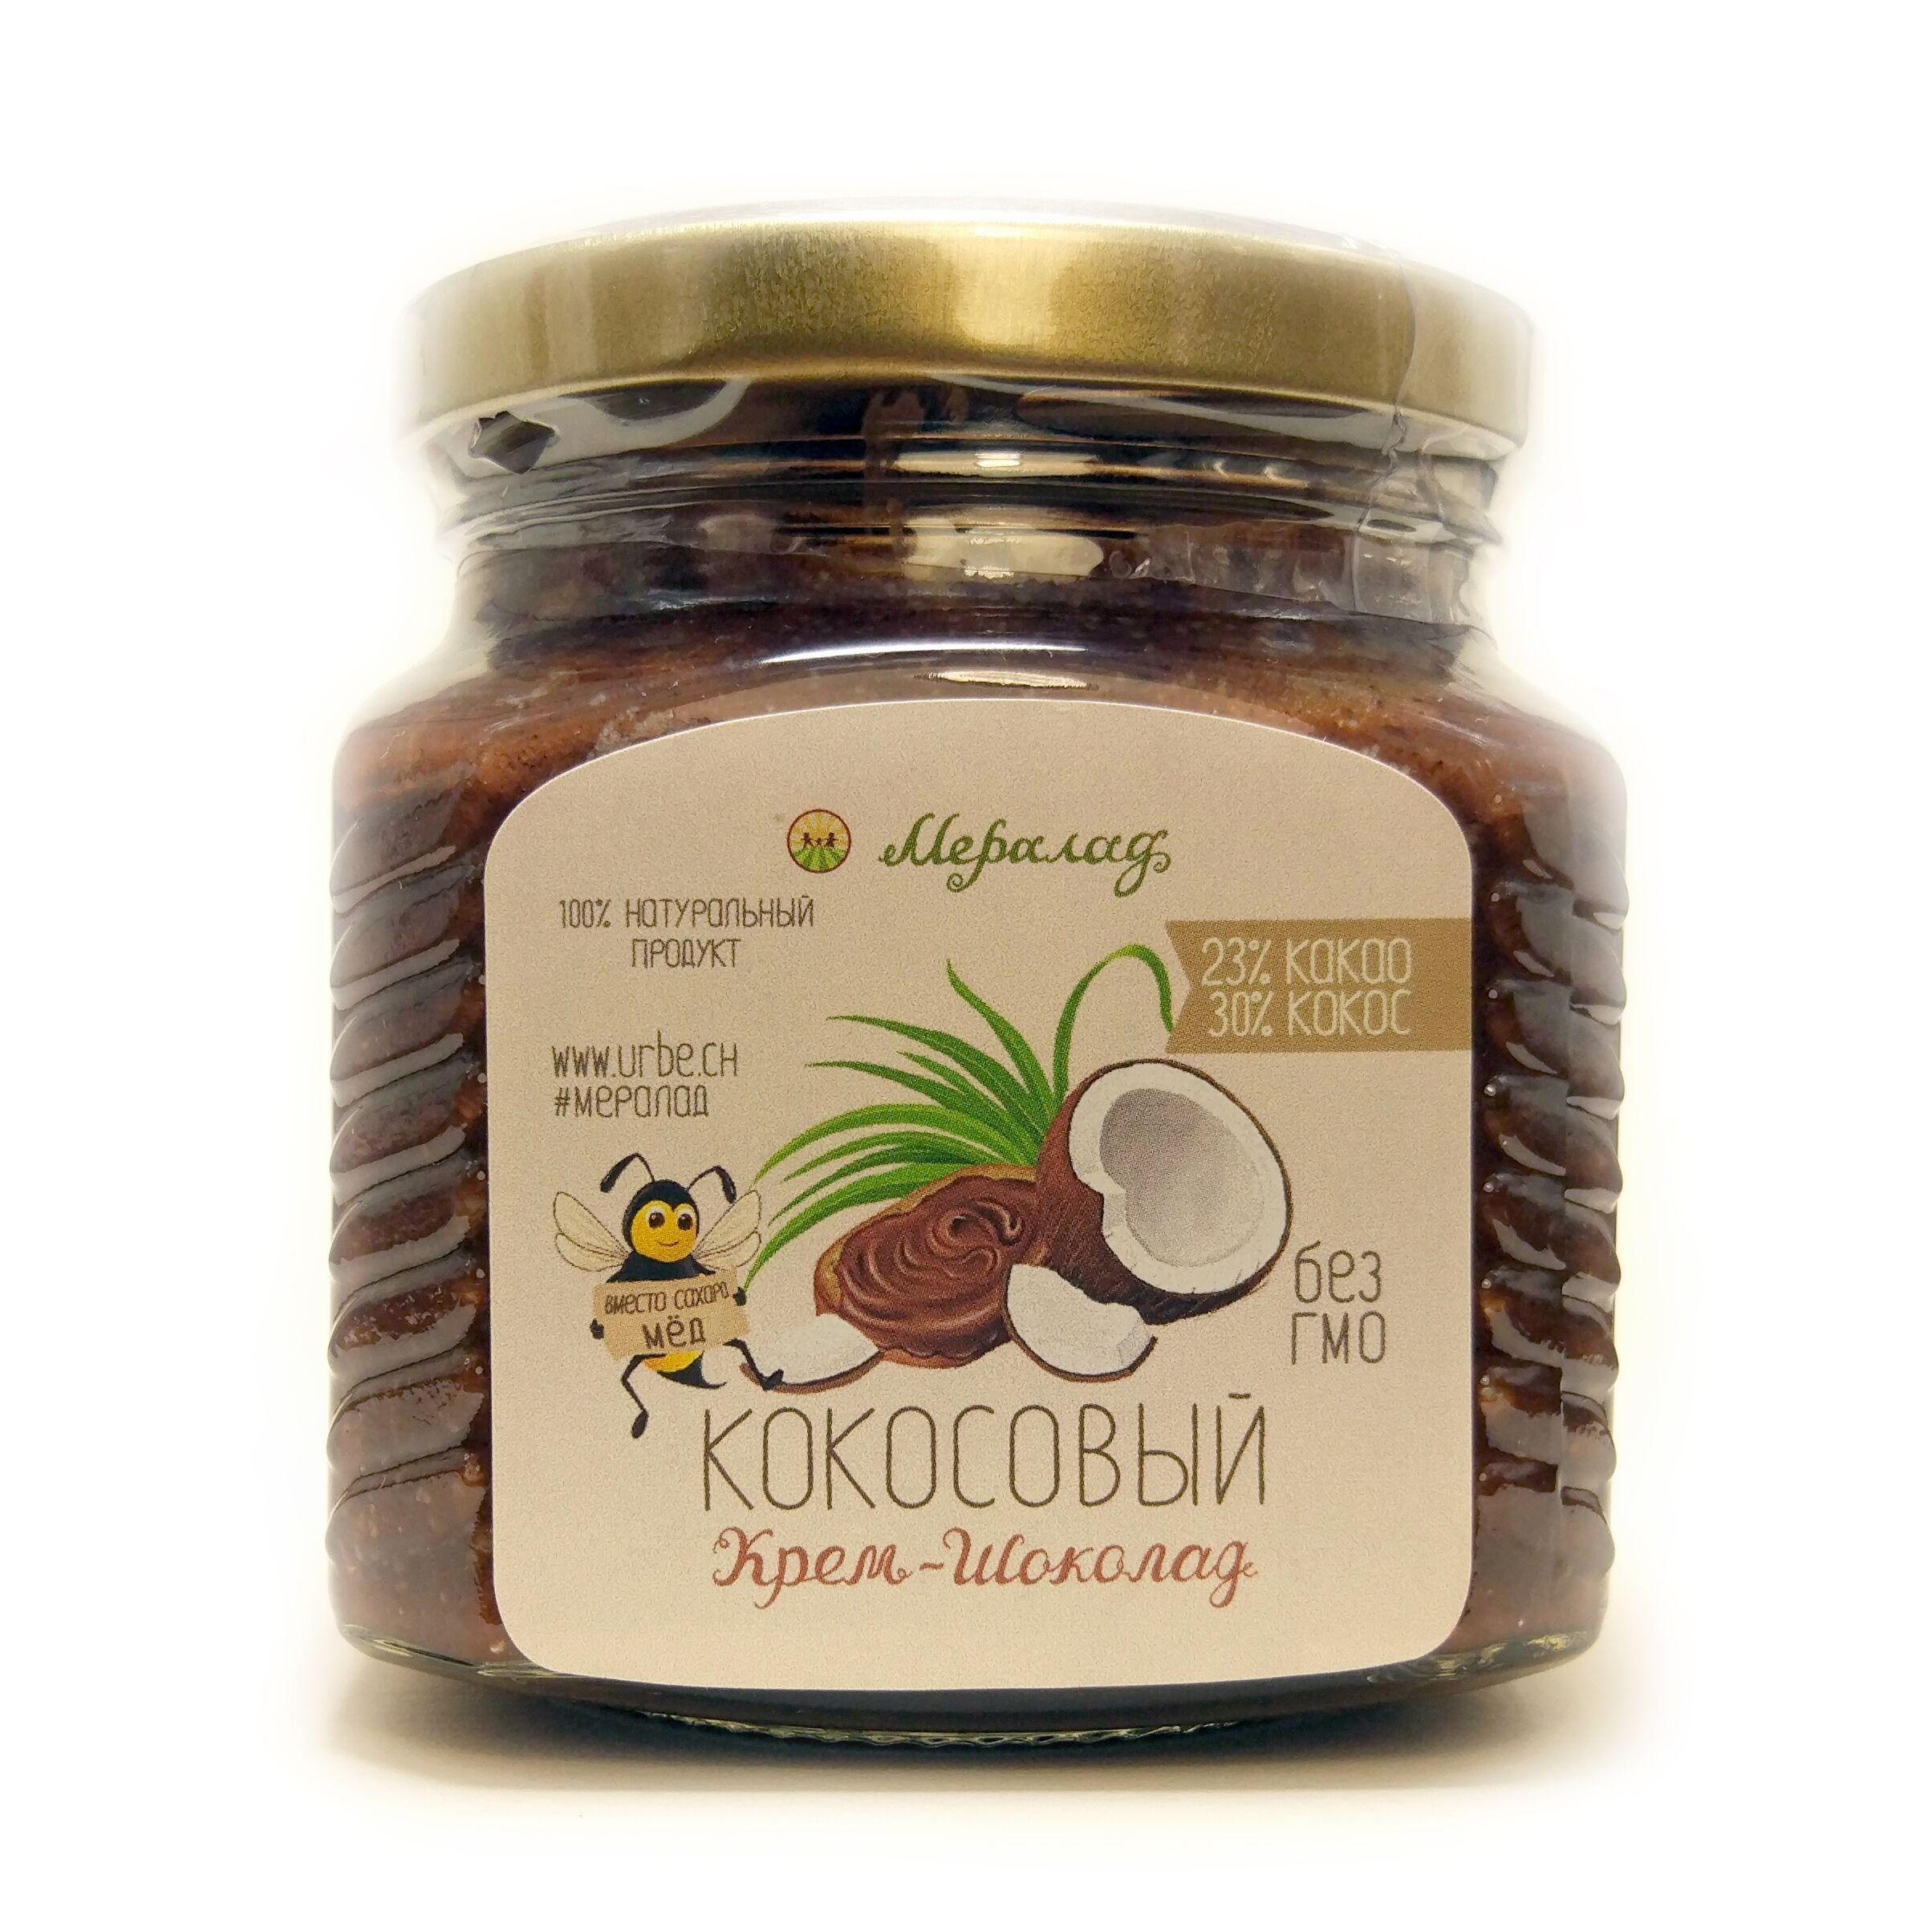 Урбеч Кокосовый крем-шоколад 230 гр